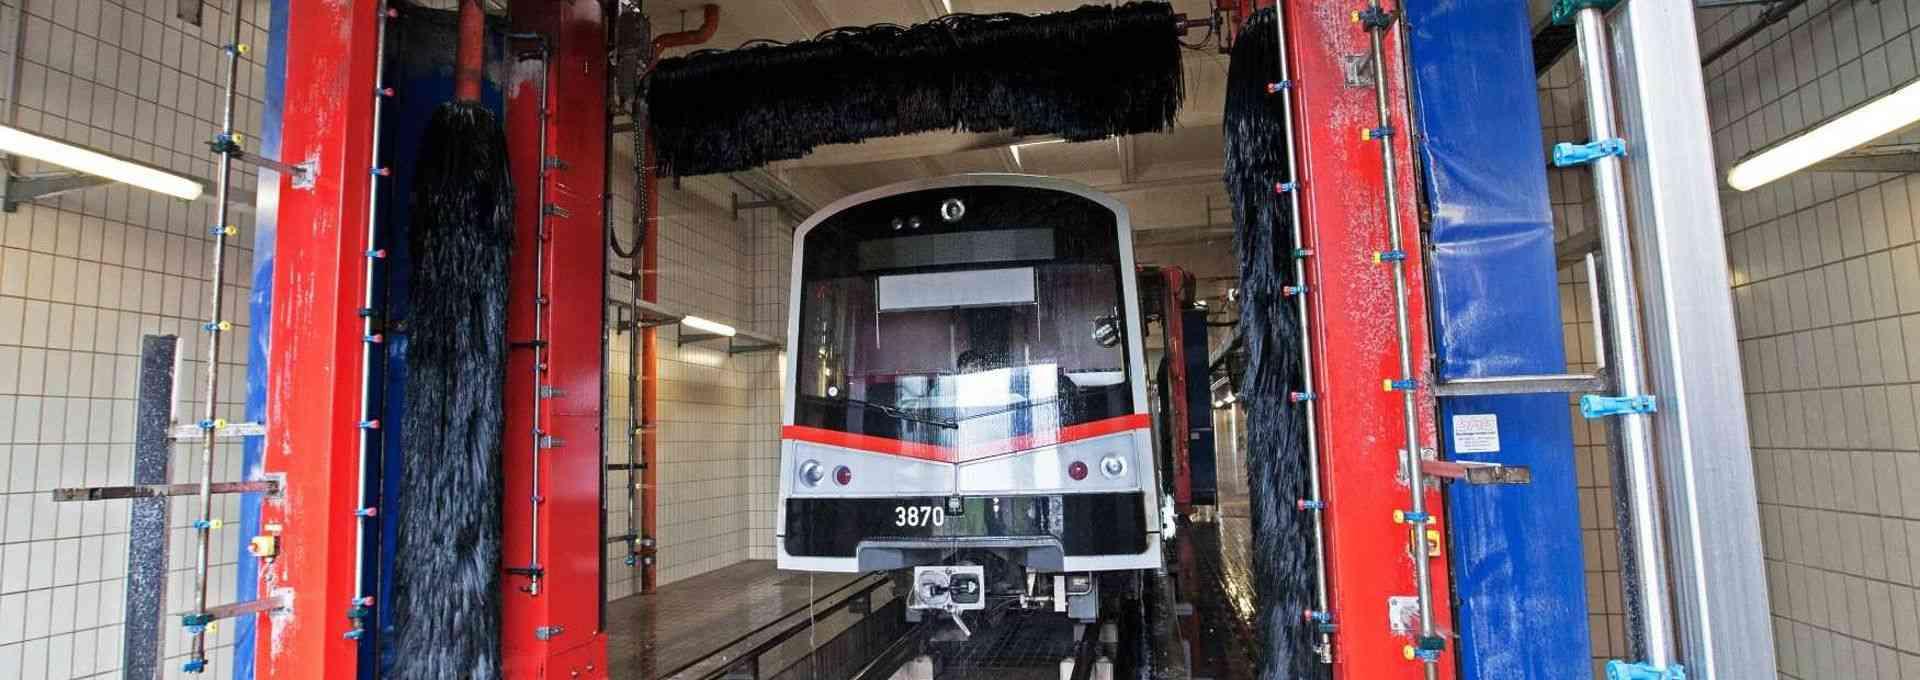 Nicht nur Autos müssen hin und wieder in die Waschanlage, auch unsere U-Bahn-Züge fahren etwa einmal im Monat durch die Waschstraße.